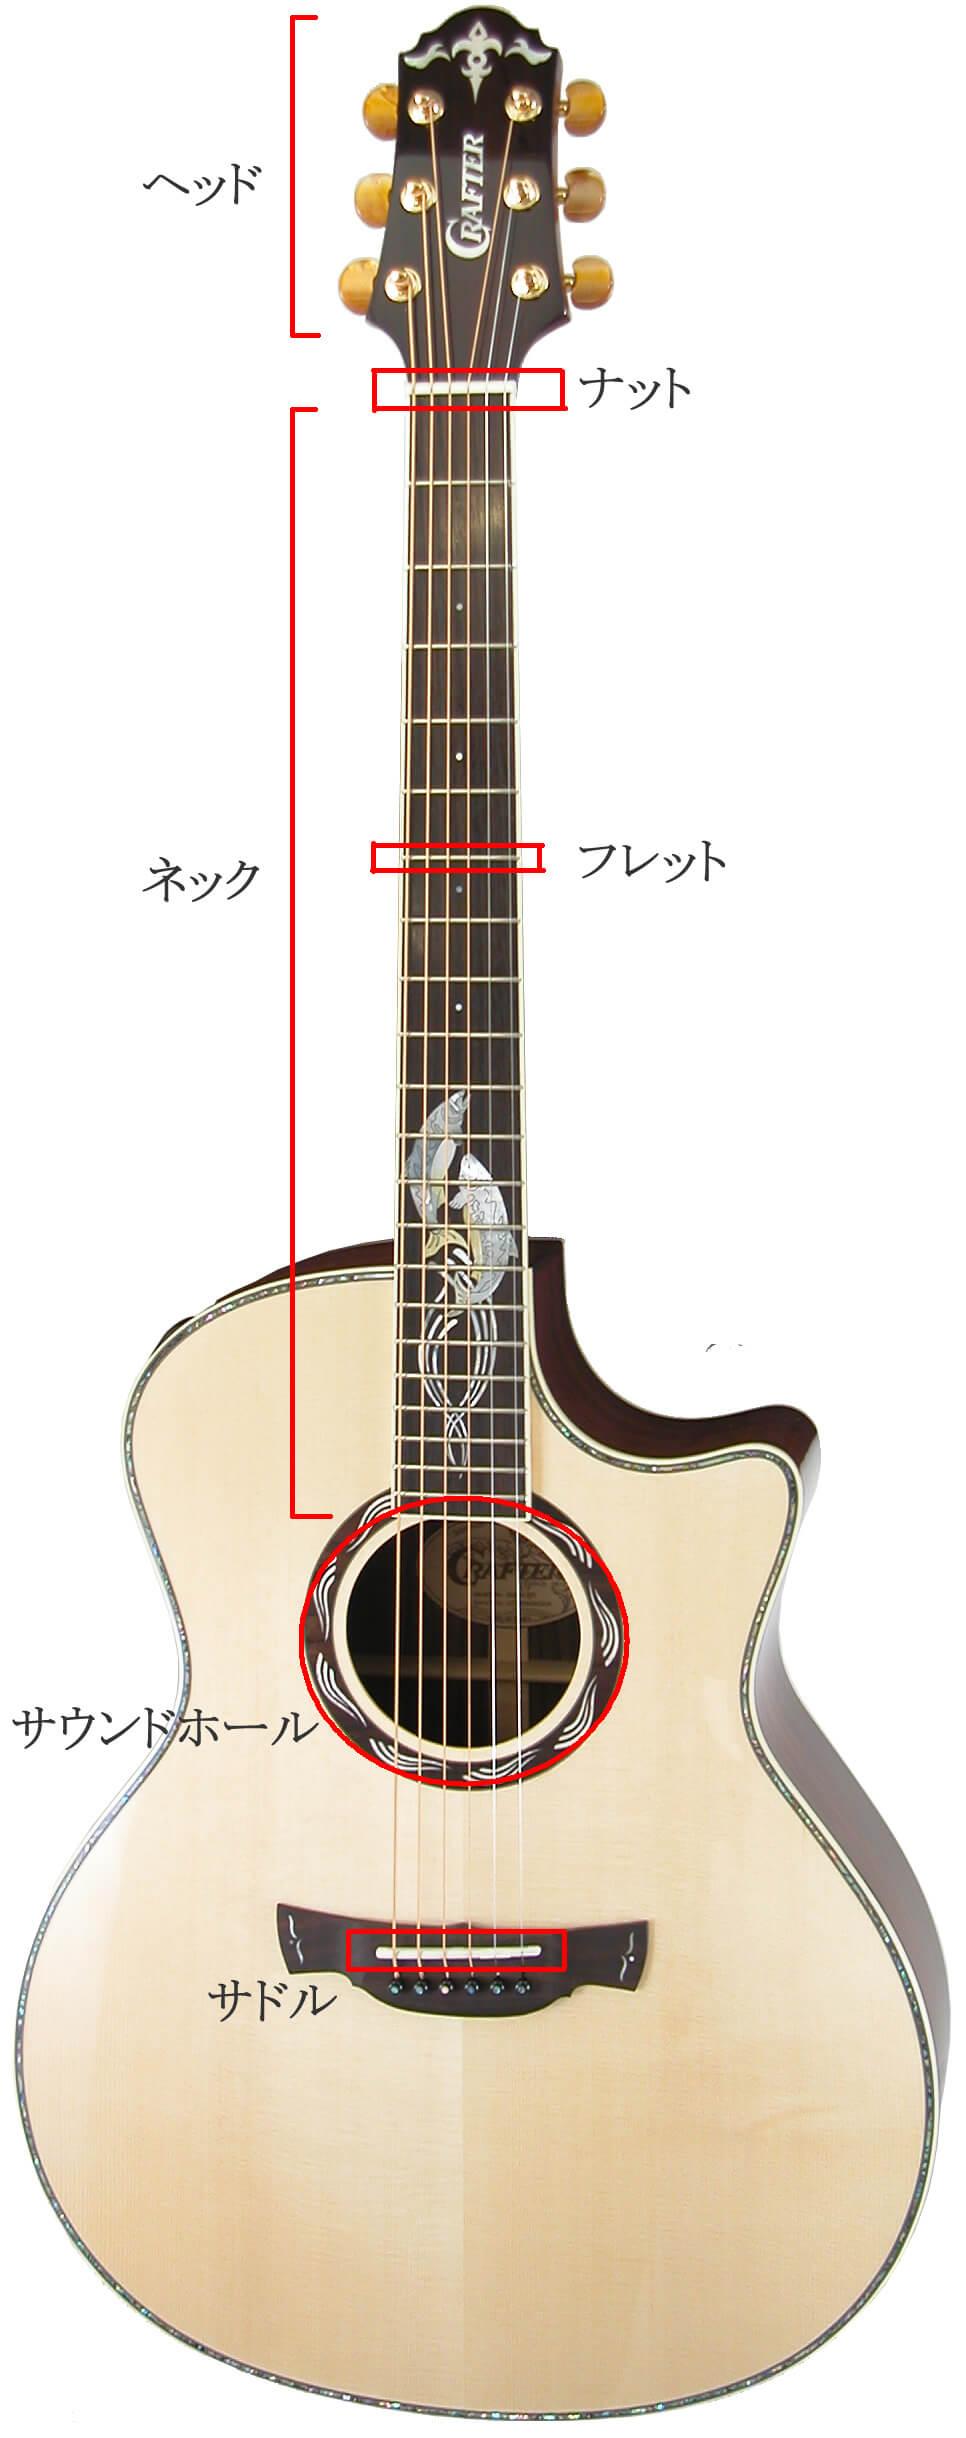 アコースティックギター各部の名称